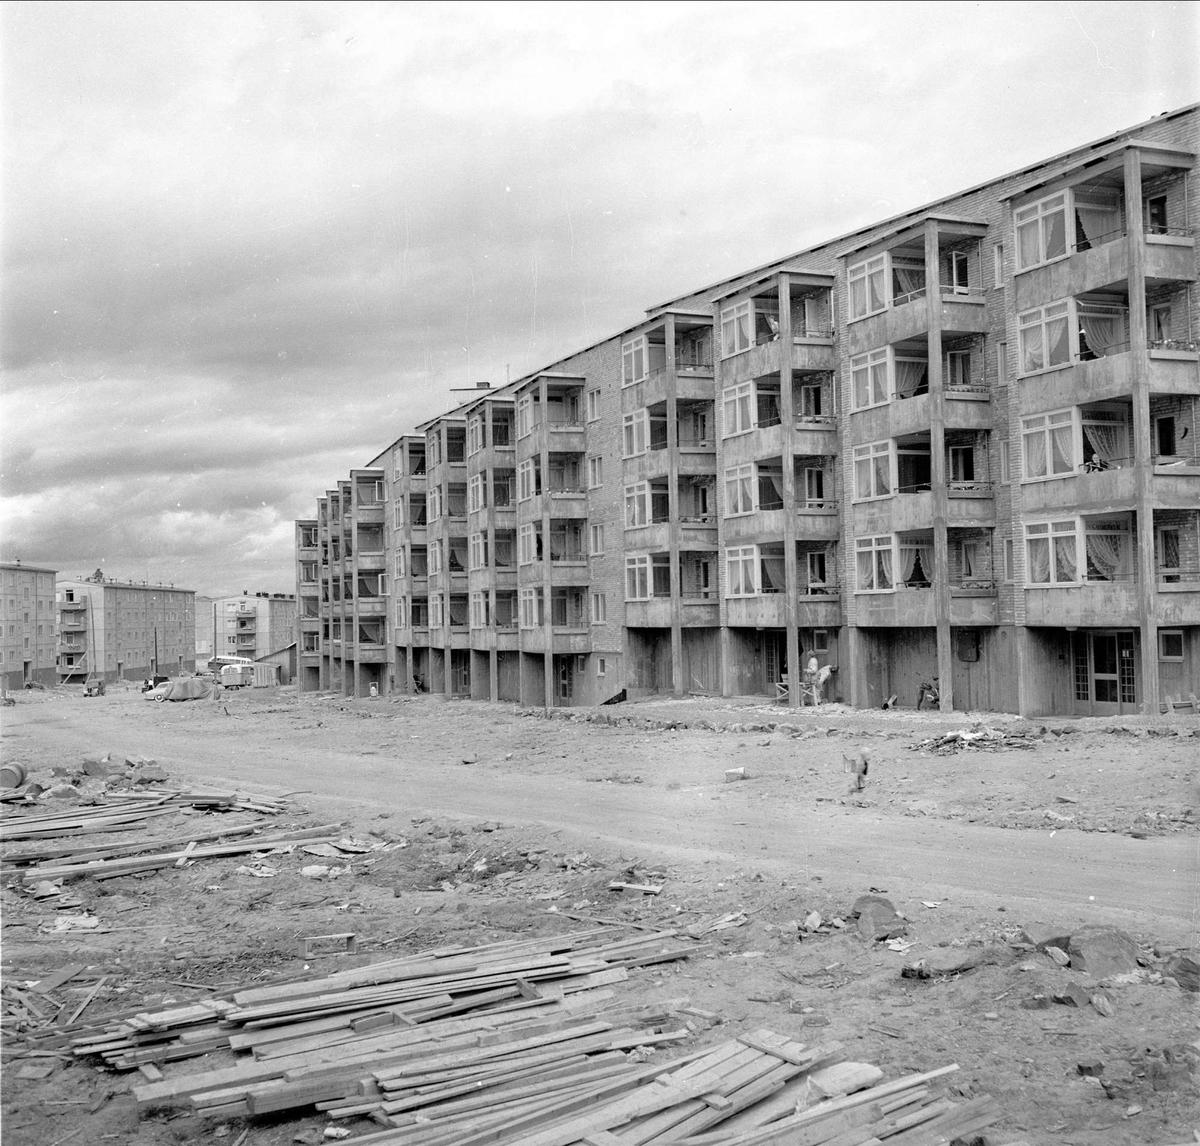 Bøler, Oslo, 03.06.1957. Byggefeltet. Boligblokker og vei.